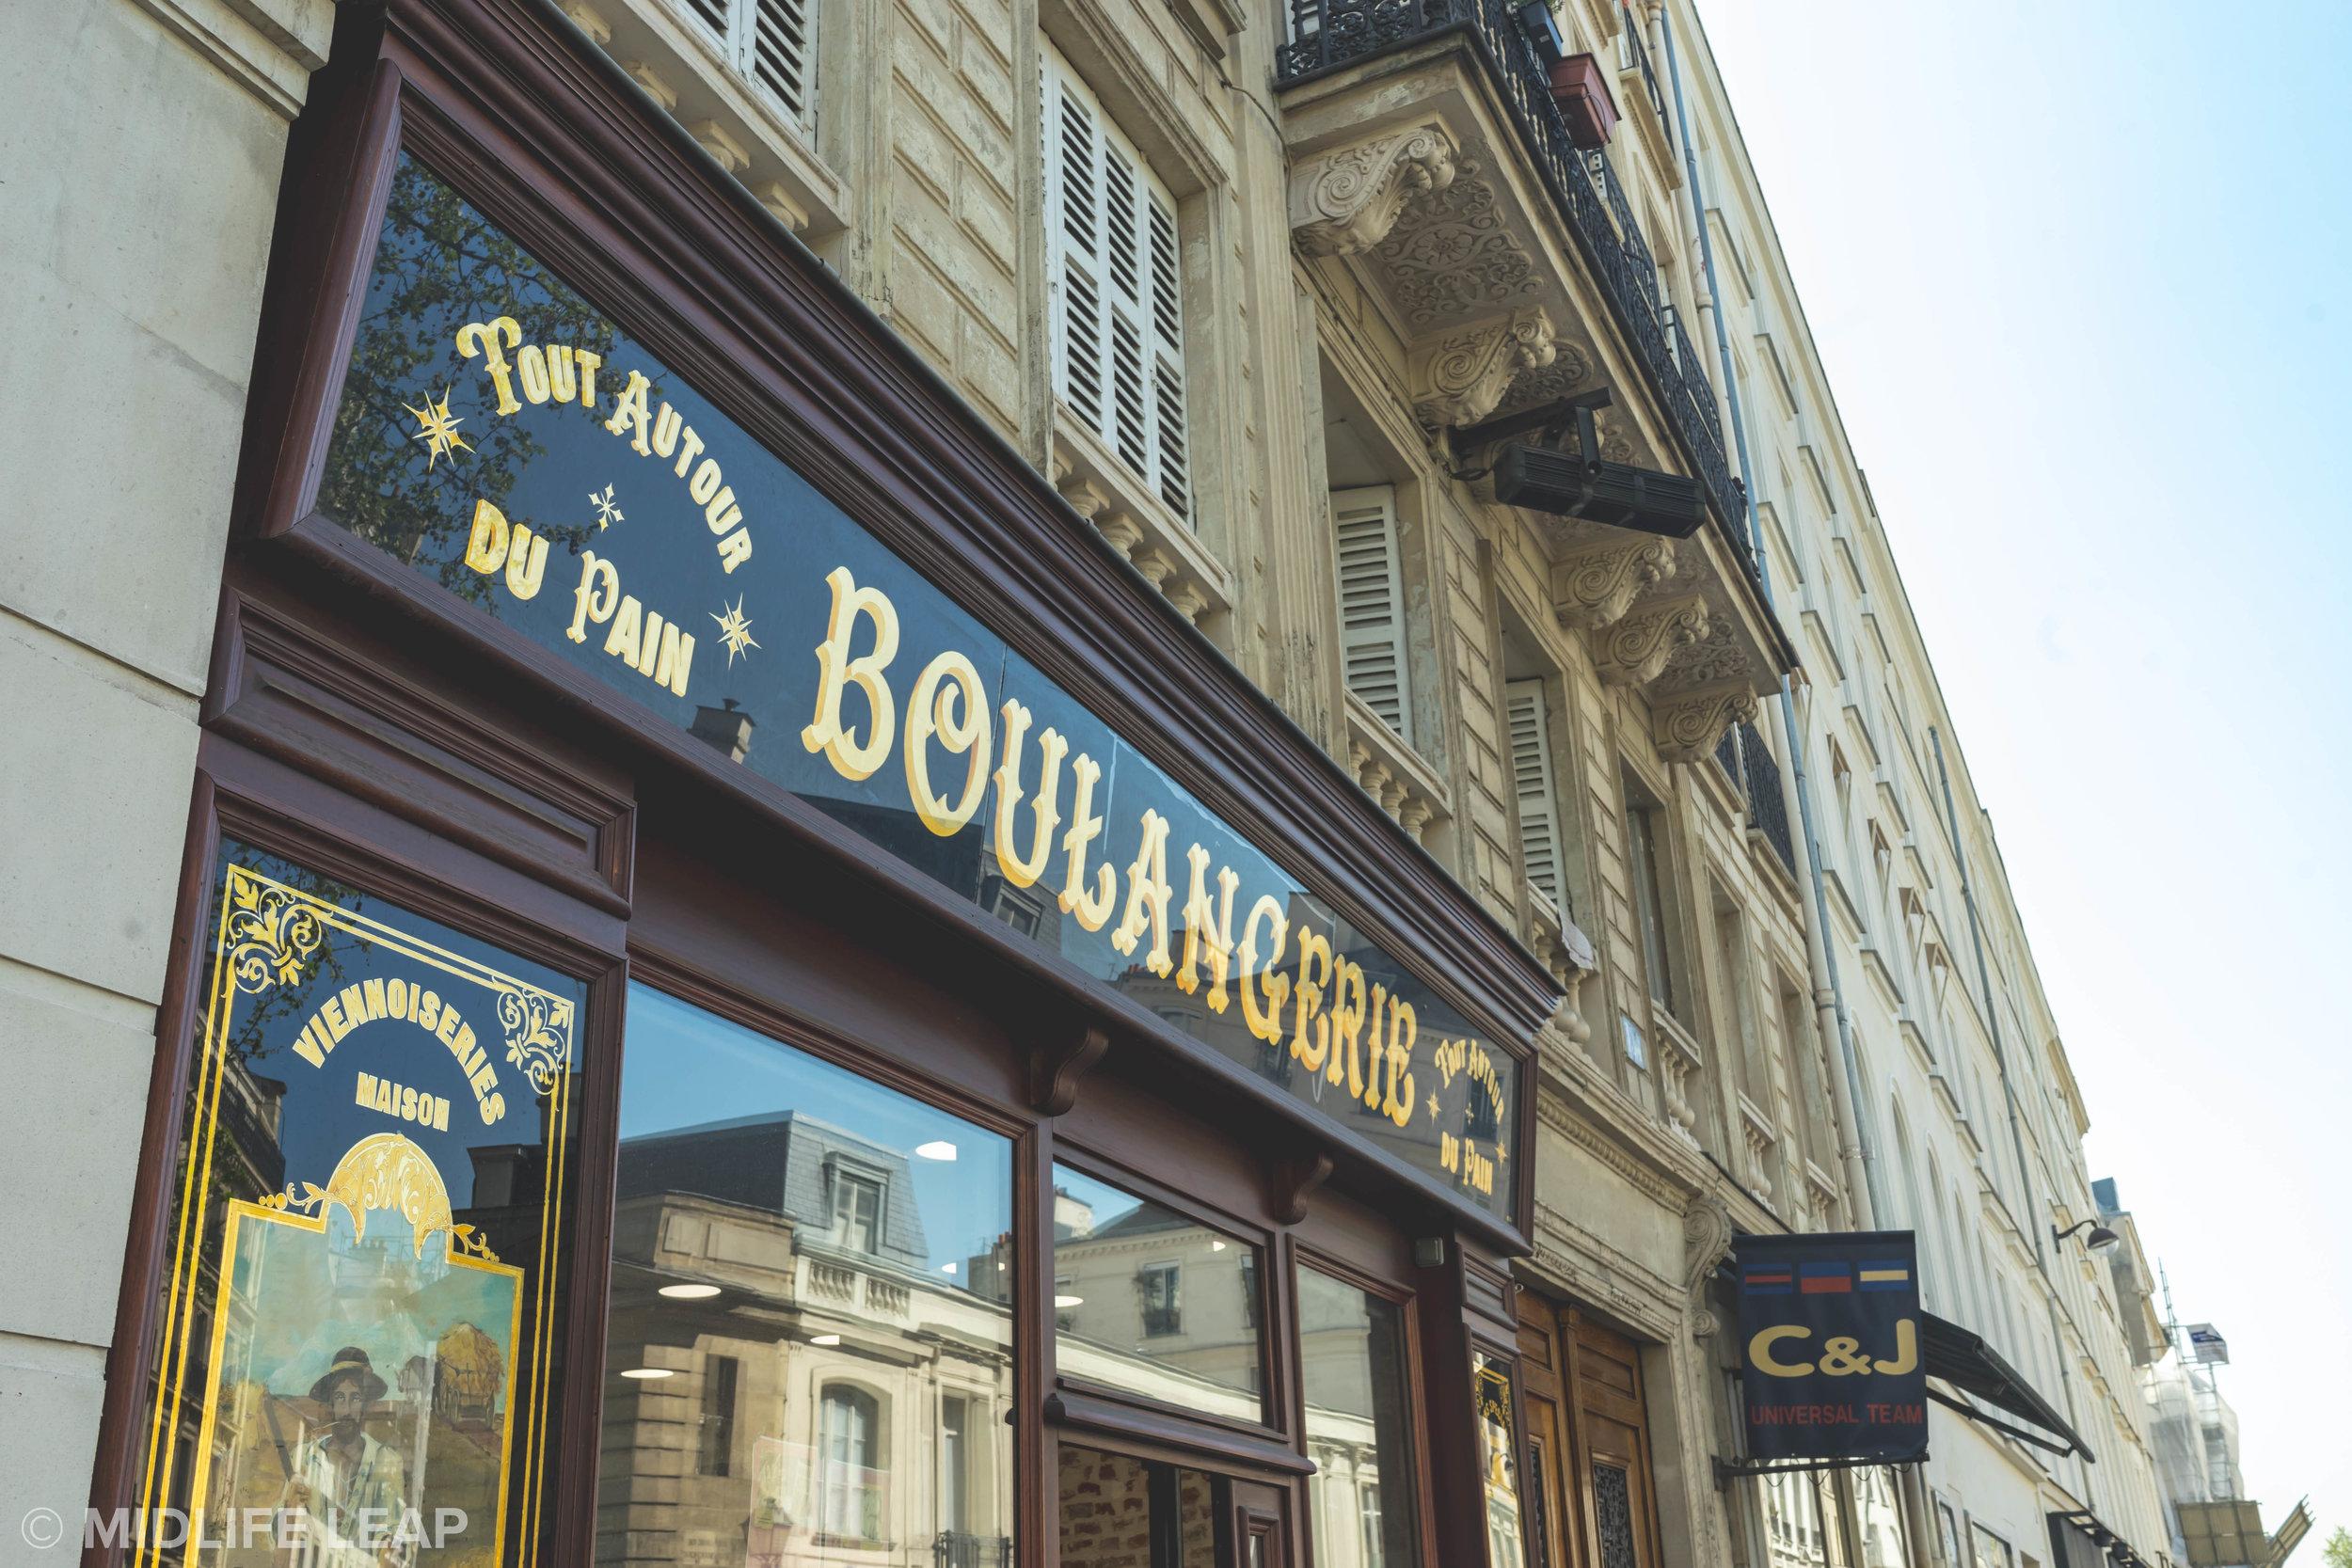 best-croissants-in-paris-tout-autour-du-pain